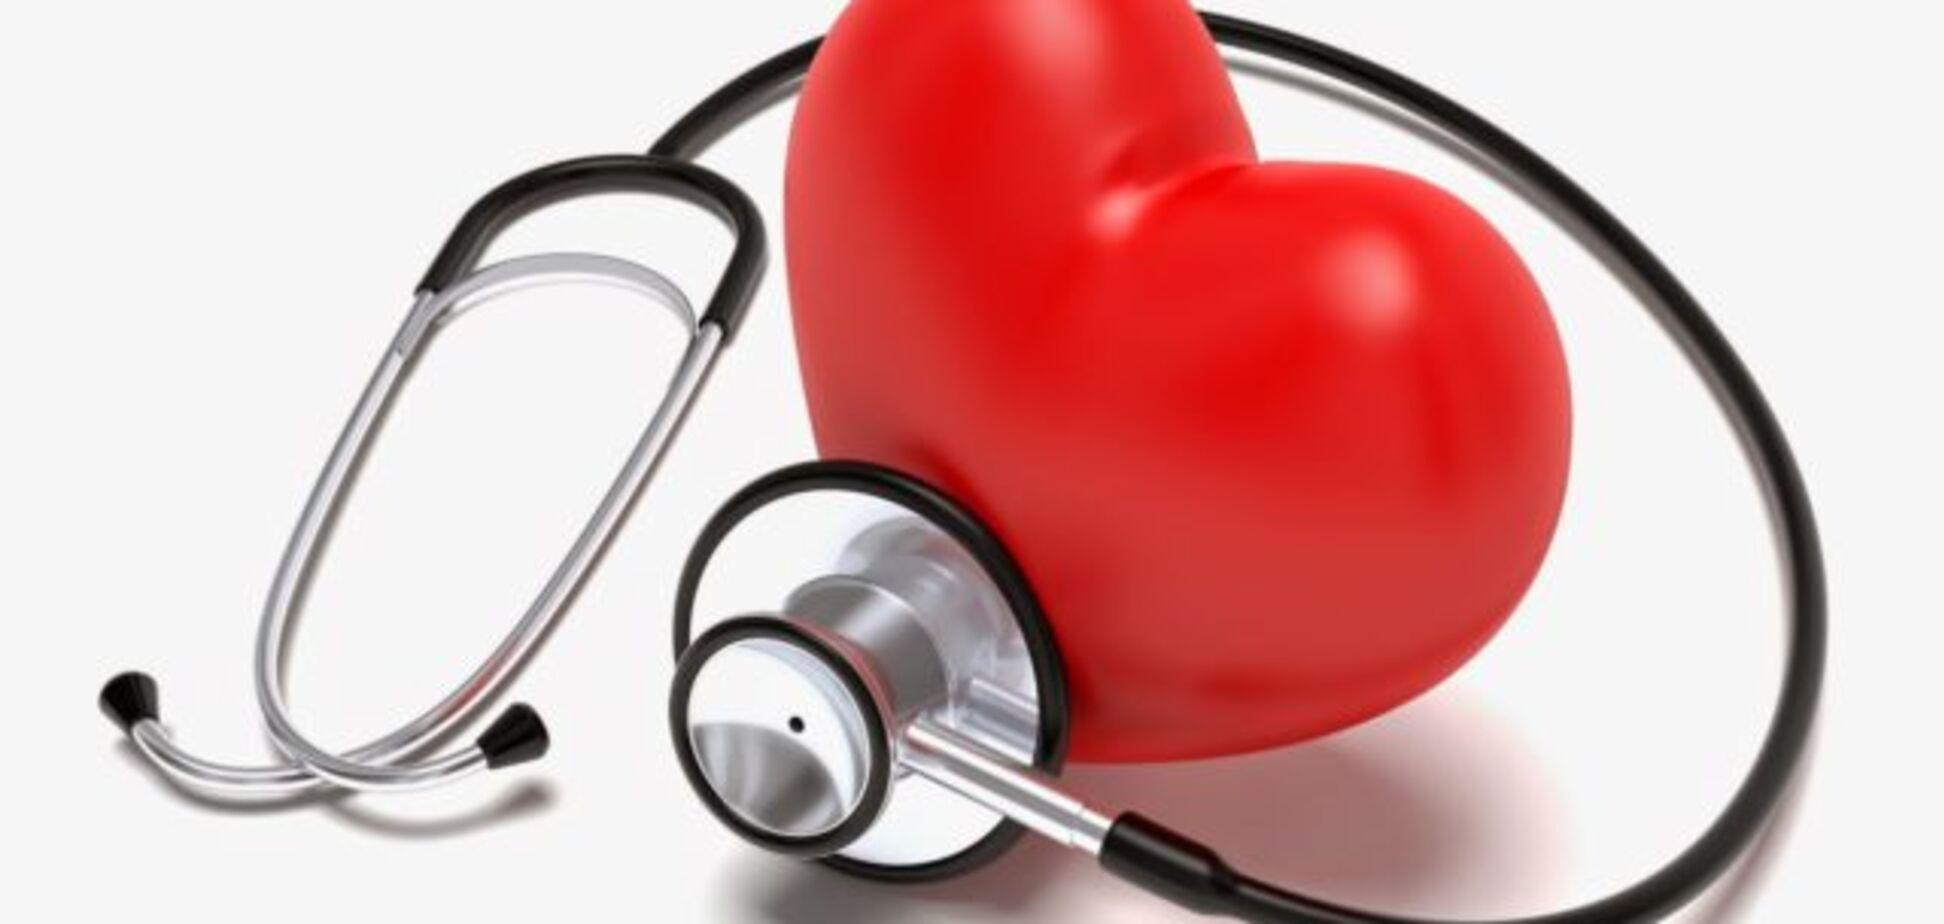 Коронарний синдром: чому страждають судини серця?